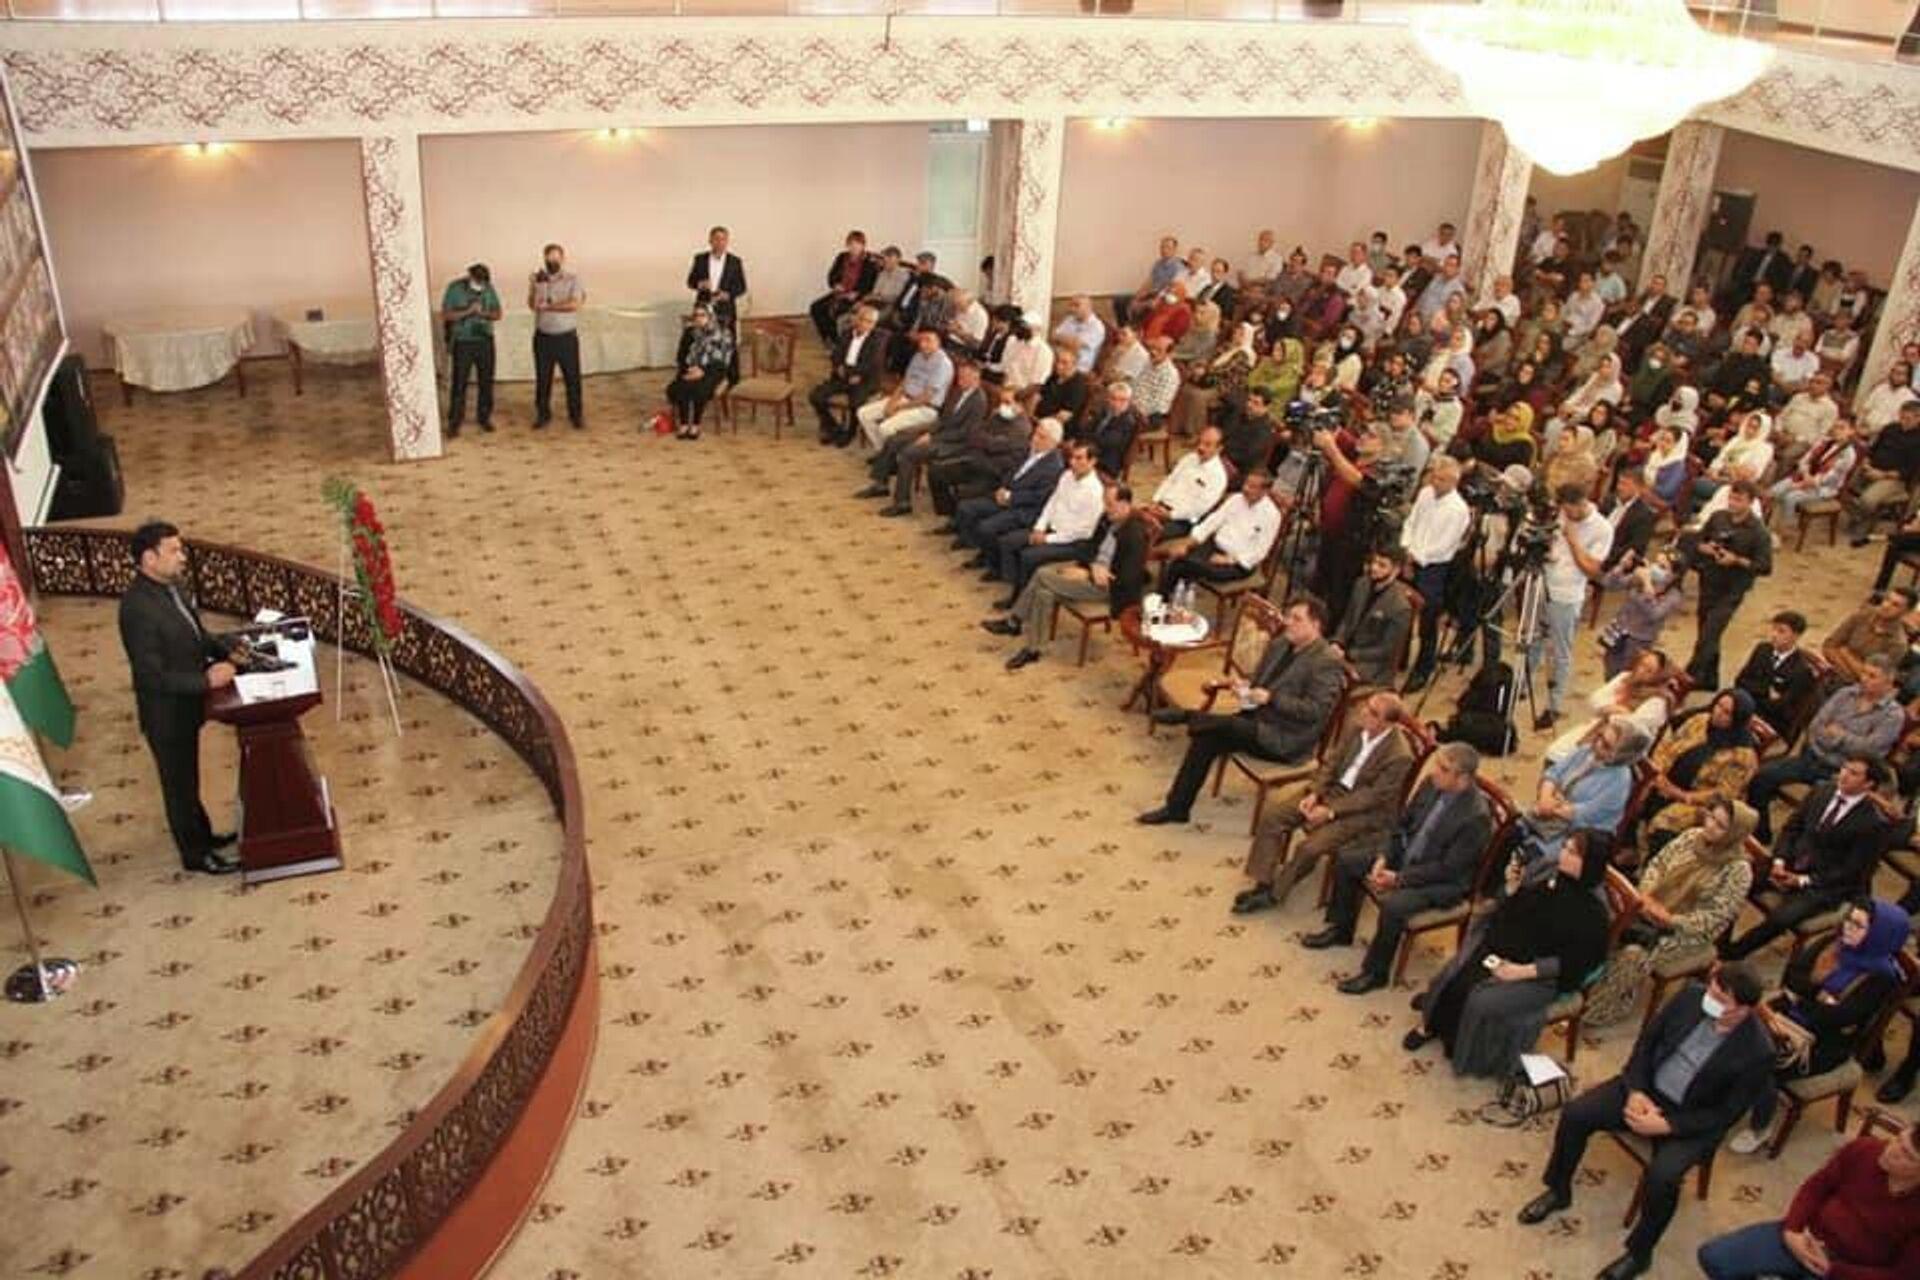 День памяти национального героя Афганистана Ахмад Шаха Масуда состоялся в Душанбе - Sputnik Таджикистан, 1920, 10.09.2021